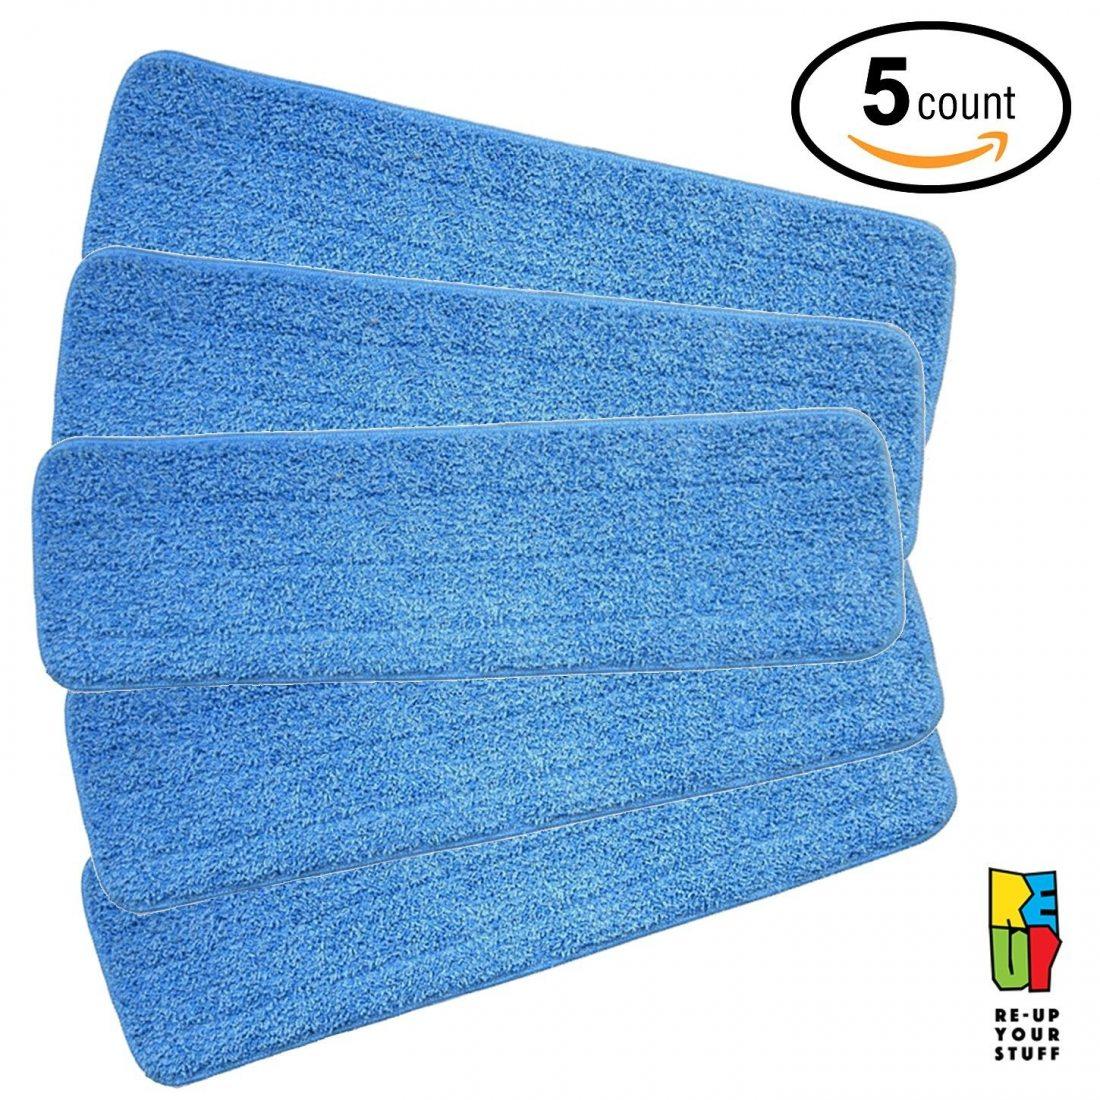 Re-Up microfibre de pulvérisation de balai avec tête de rechange humides / secs compatibles Avec système de soins Bona Floor